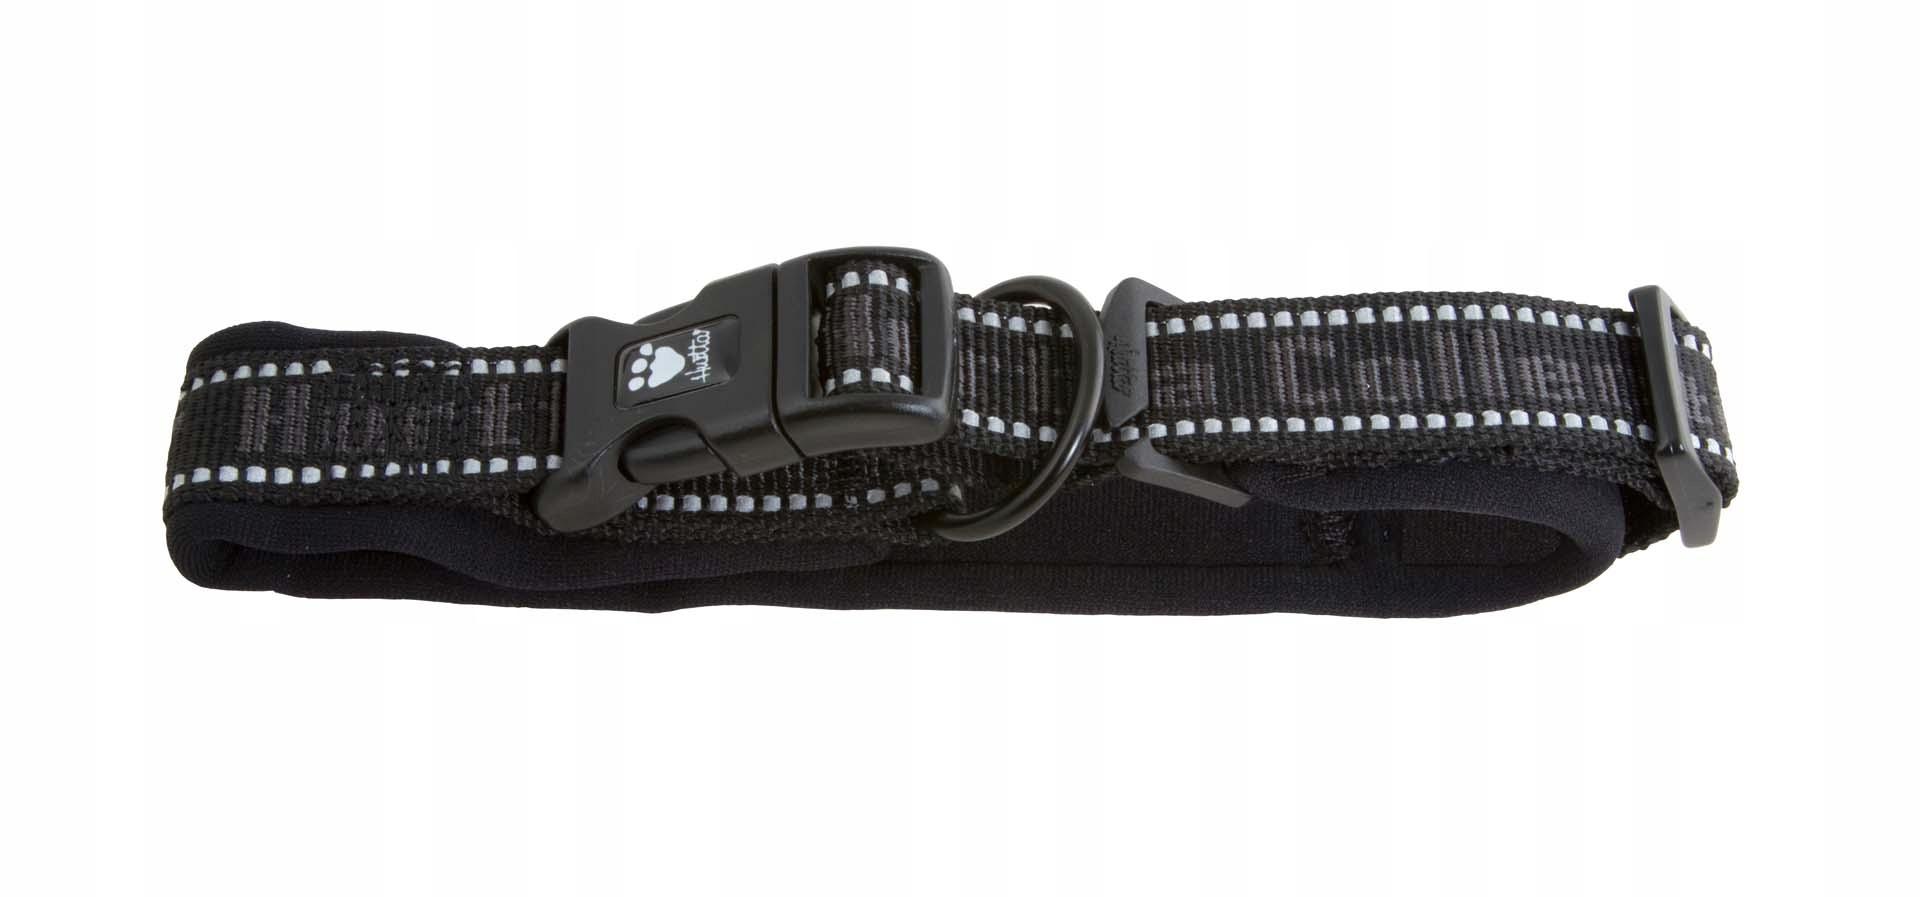 Ошейник Hurtta Pro Padded черный для собак (40-50 см, Черный)